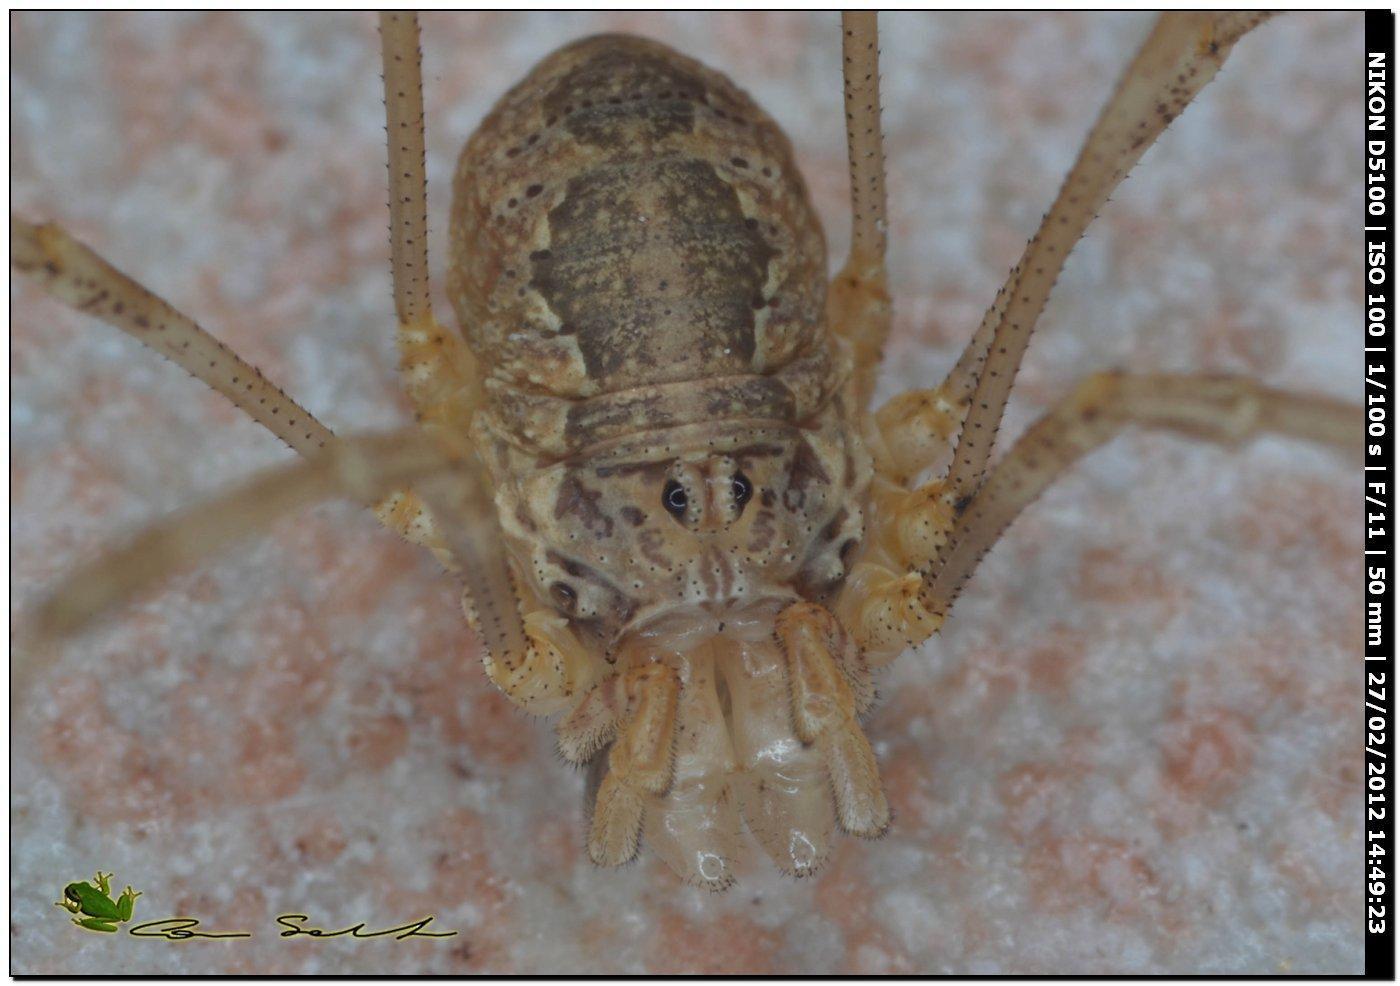 Opilione da Usini 31: Phalangium targionii